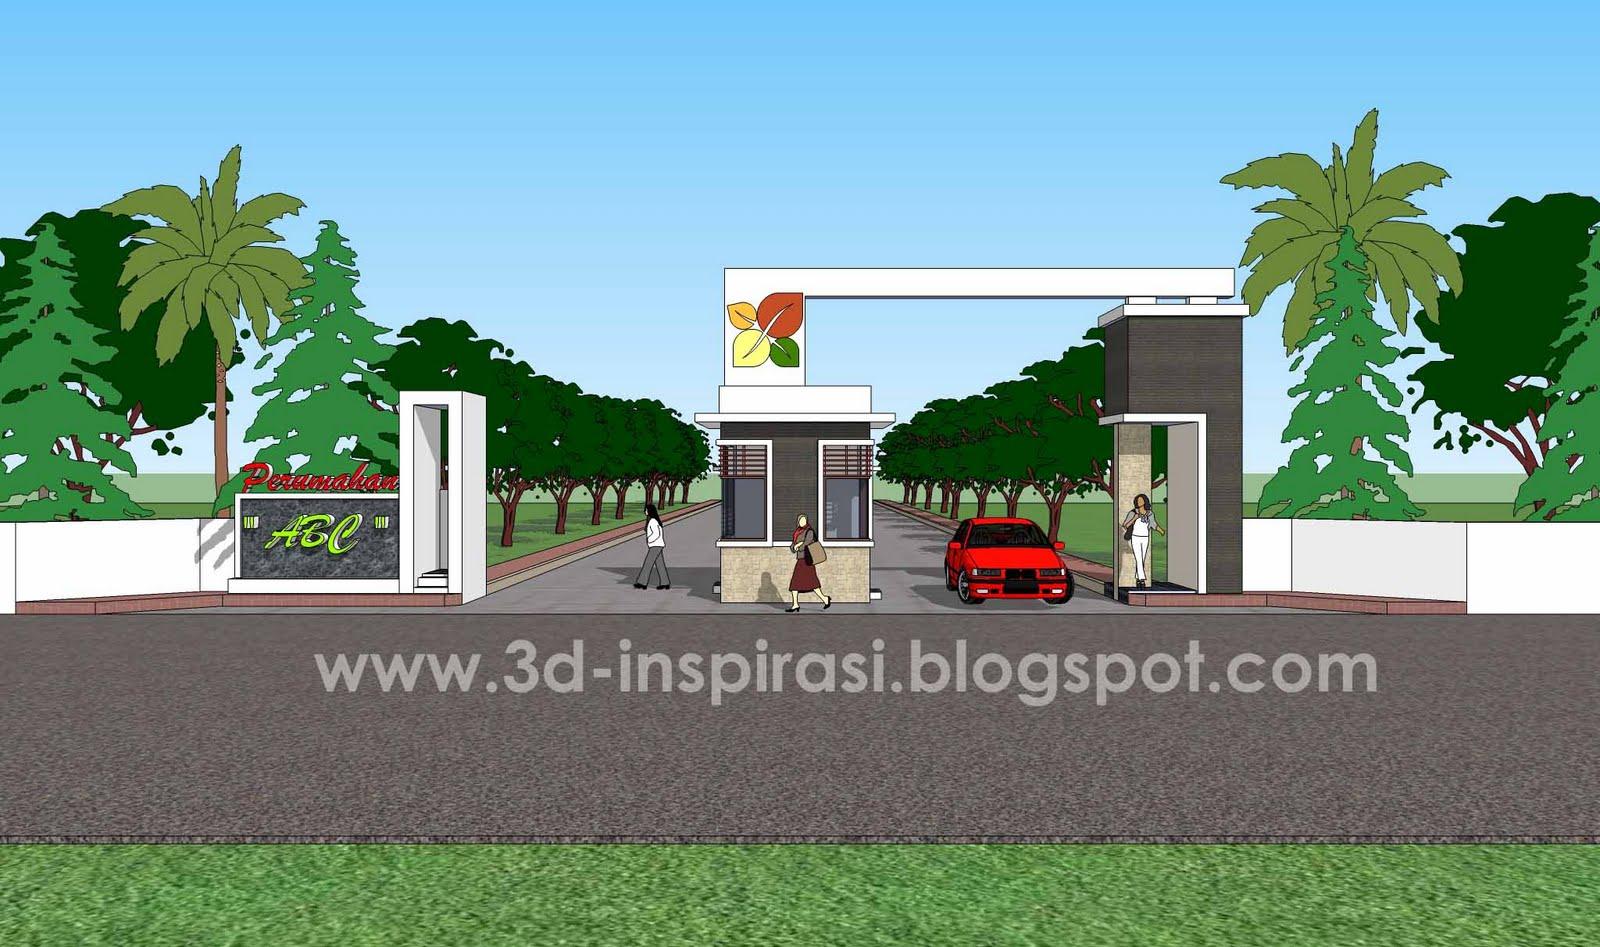 940 Koleksi Desain Gapura Perumahan Minimalis HD Terbaru